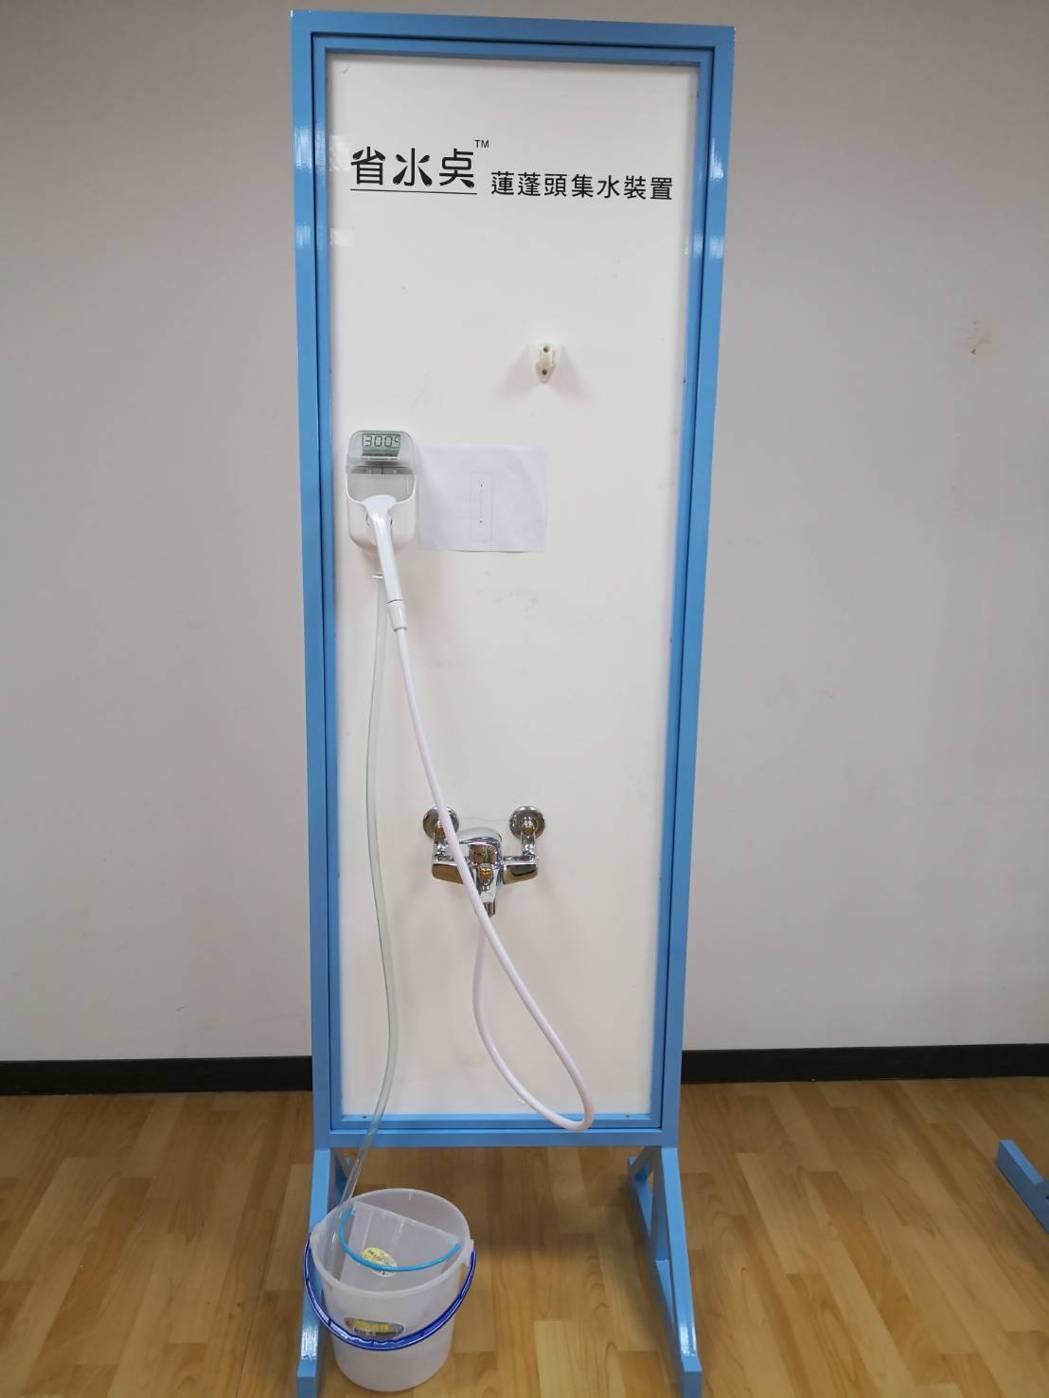 省水奌蓮蓬頭集水系統 省水奌潔能/提供